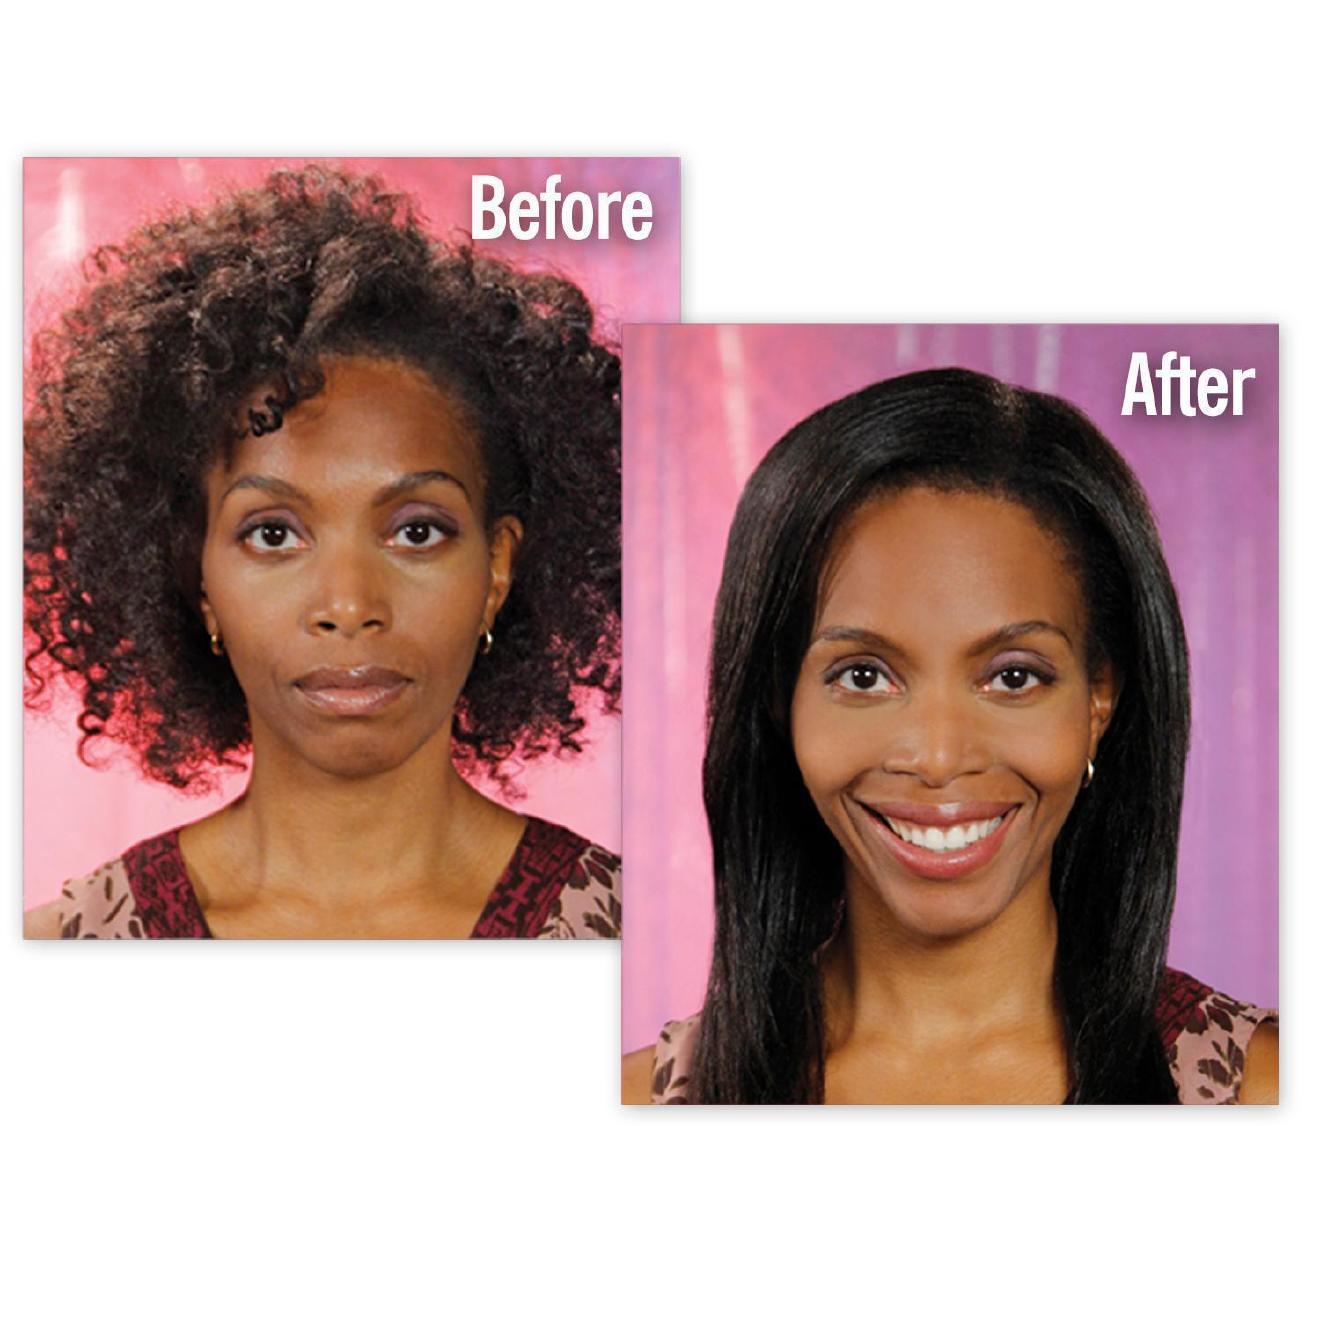 TV魔力新品直发梳直卷v魔力顺发梳直发器梳子SPA身体护理产品图片